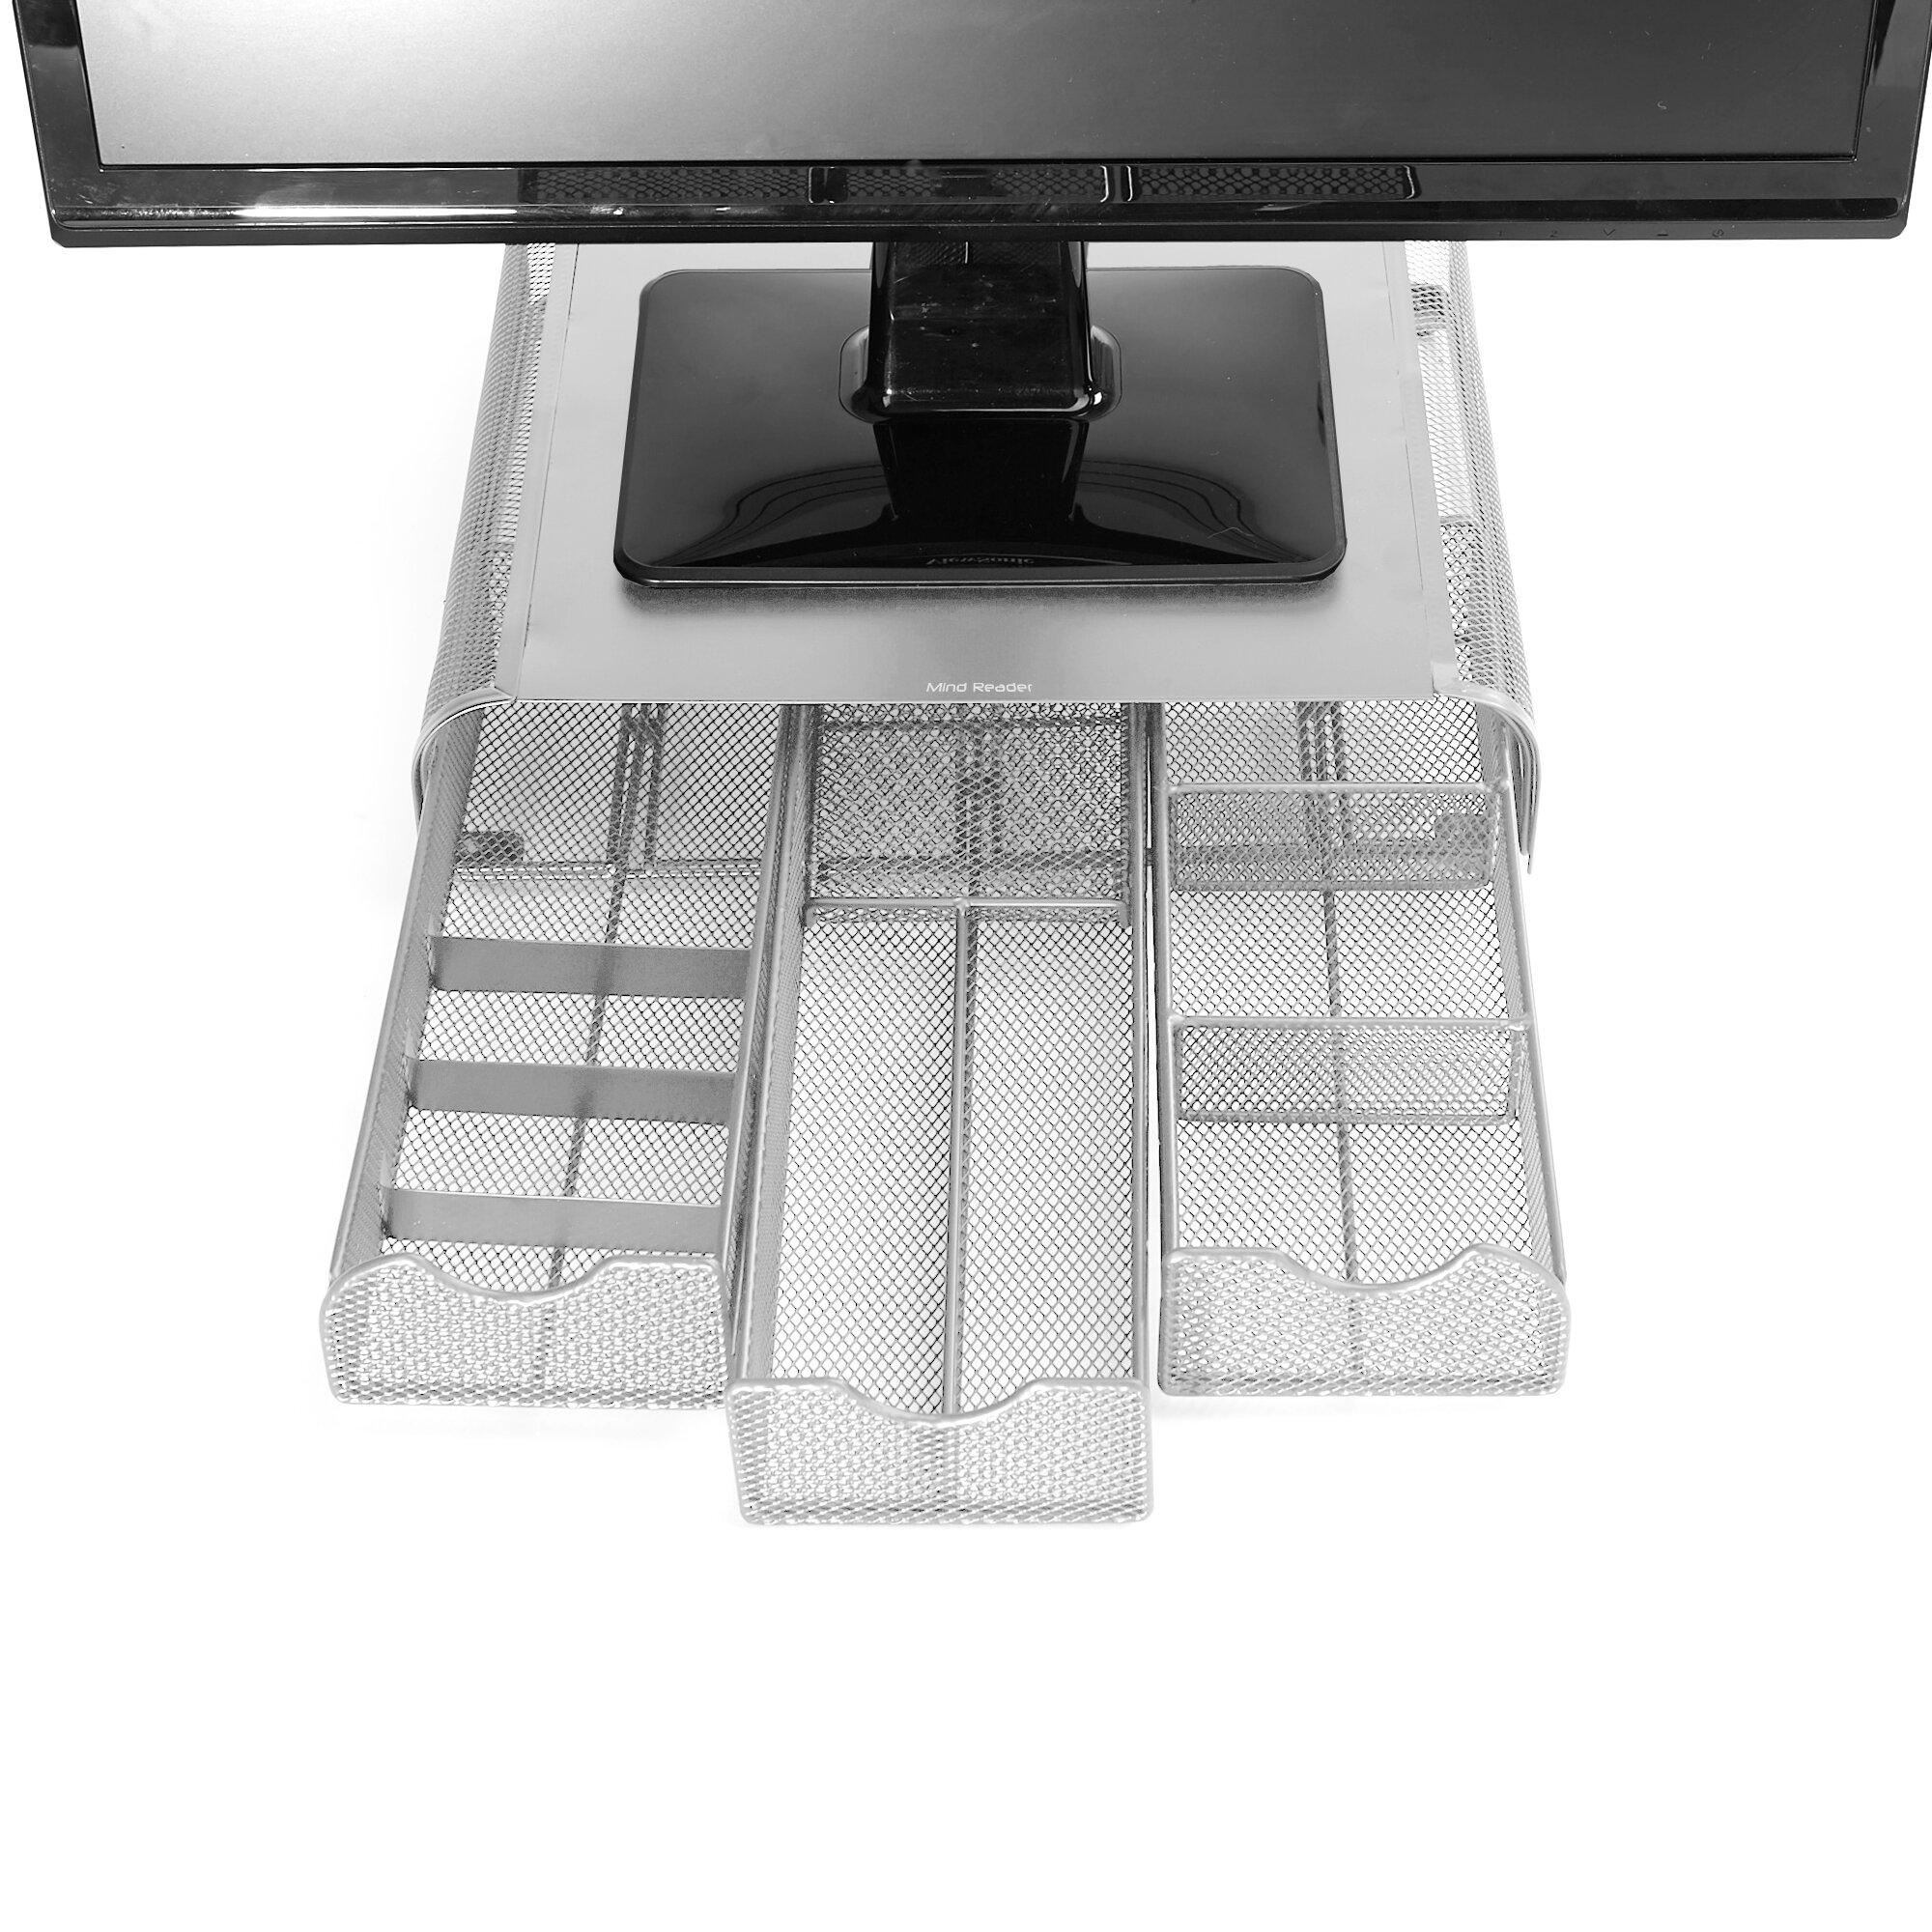 Mind Reader Metal Mesh ' Perch' PC, Laptop, IMAC Monitor